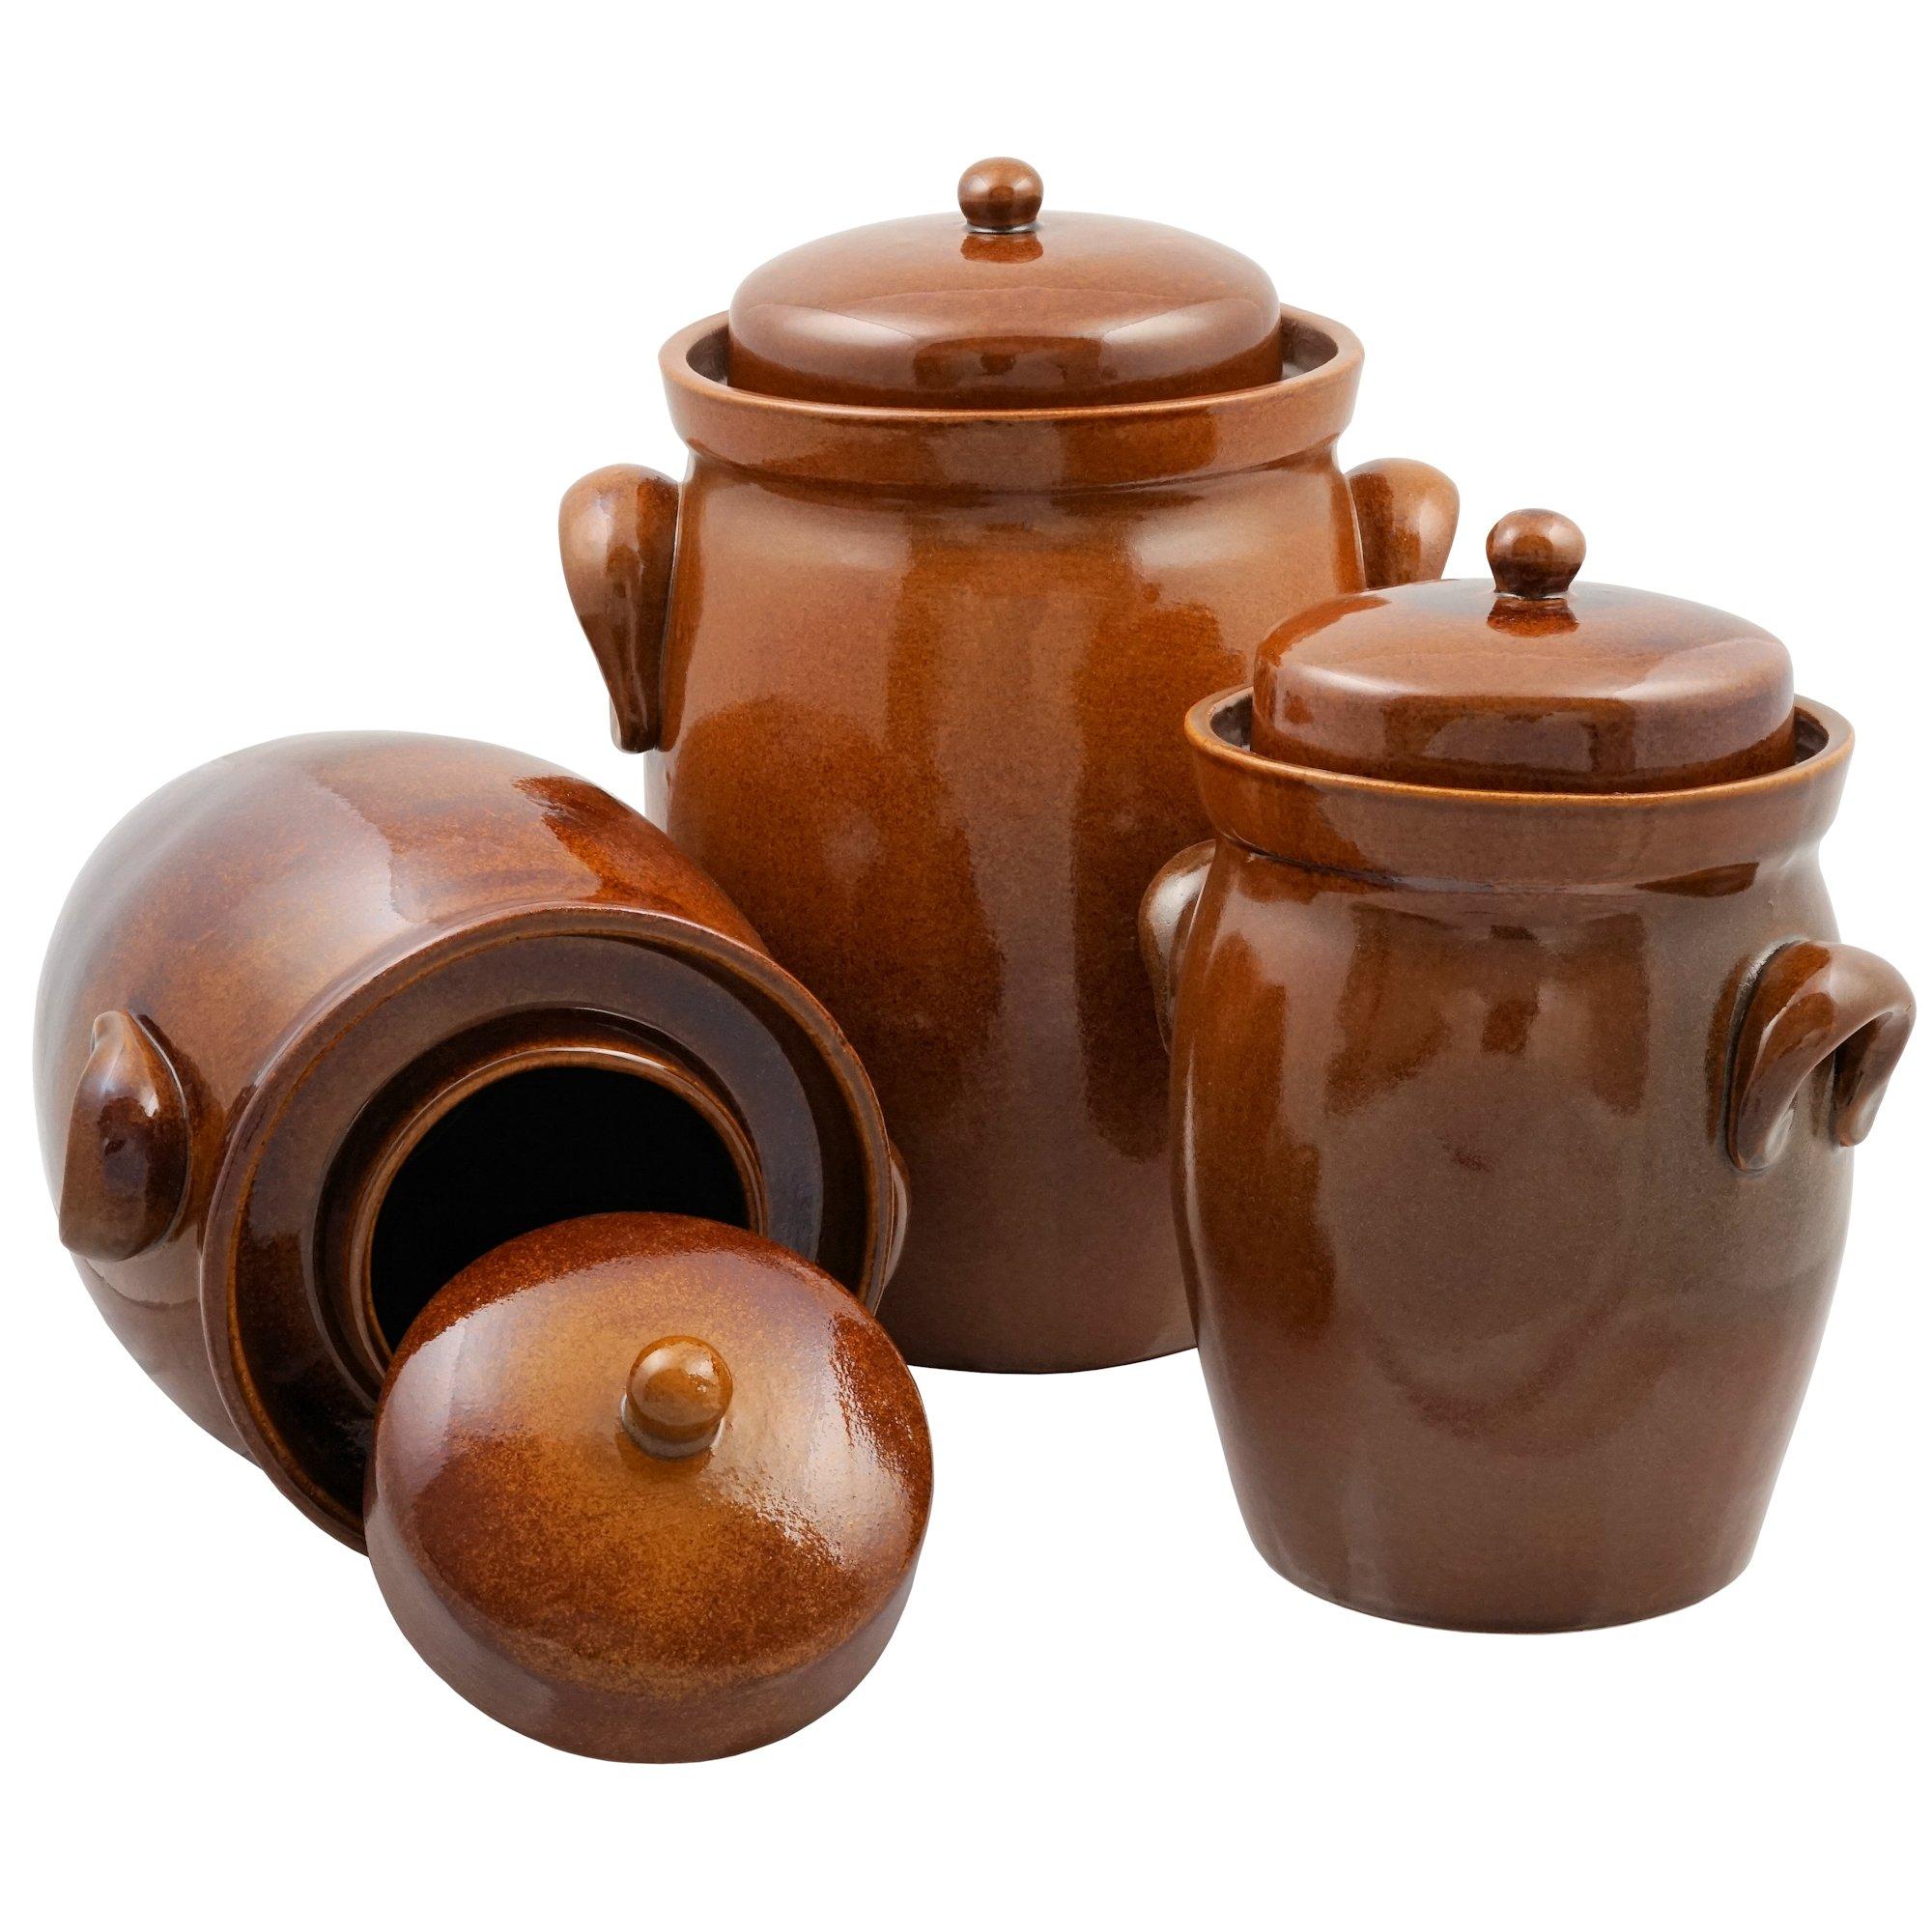 K&K German Fermenting Pot | brown | Fermentation Jar | Crock Pot | Made in Germany (5.0 Liter (1.3 Gal)) by K&K (Image #3)